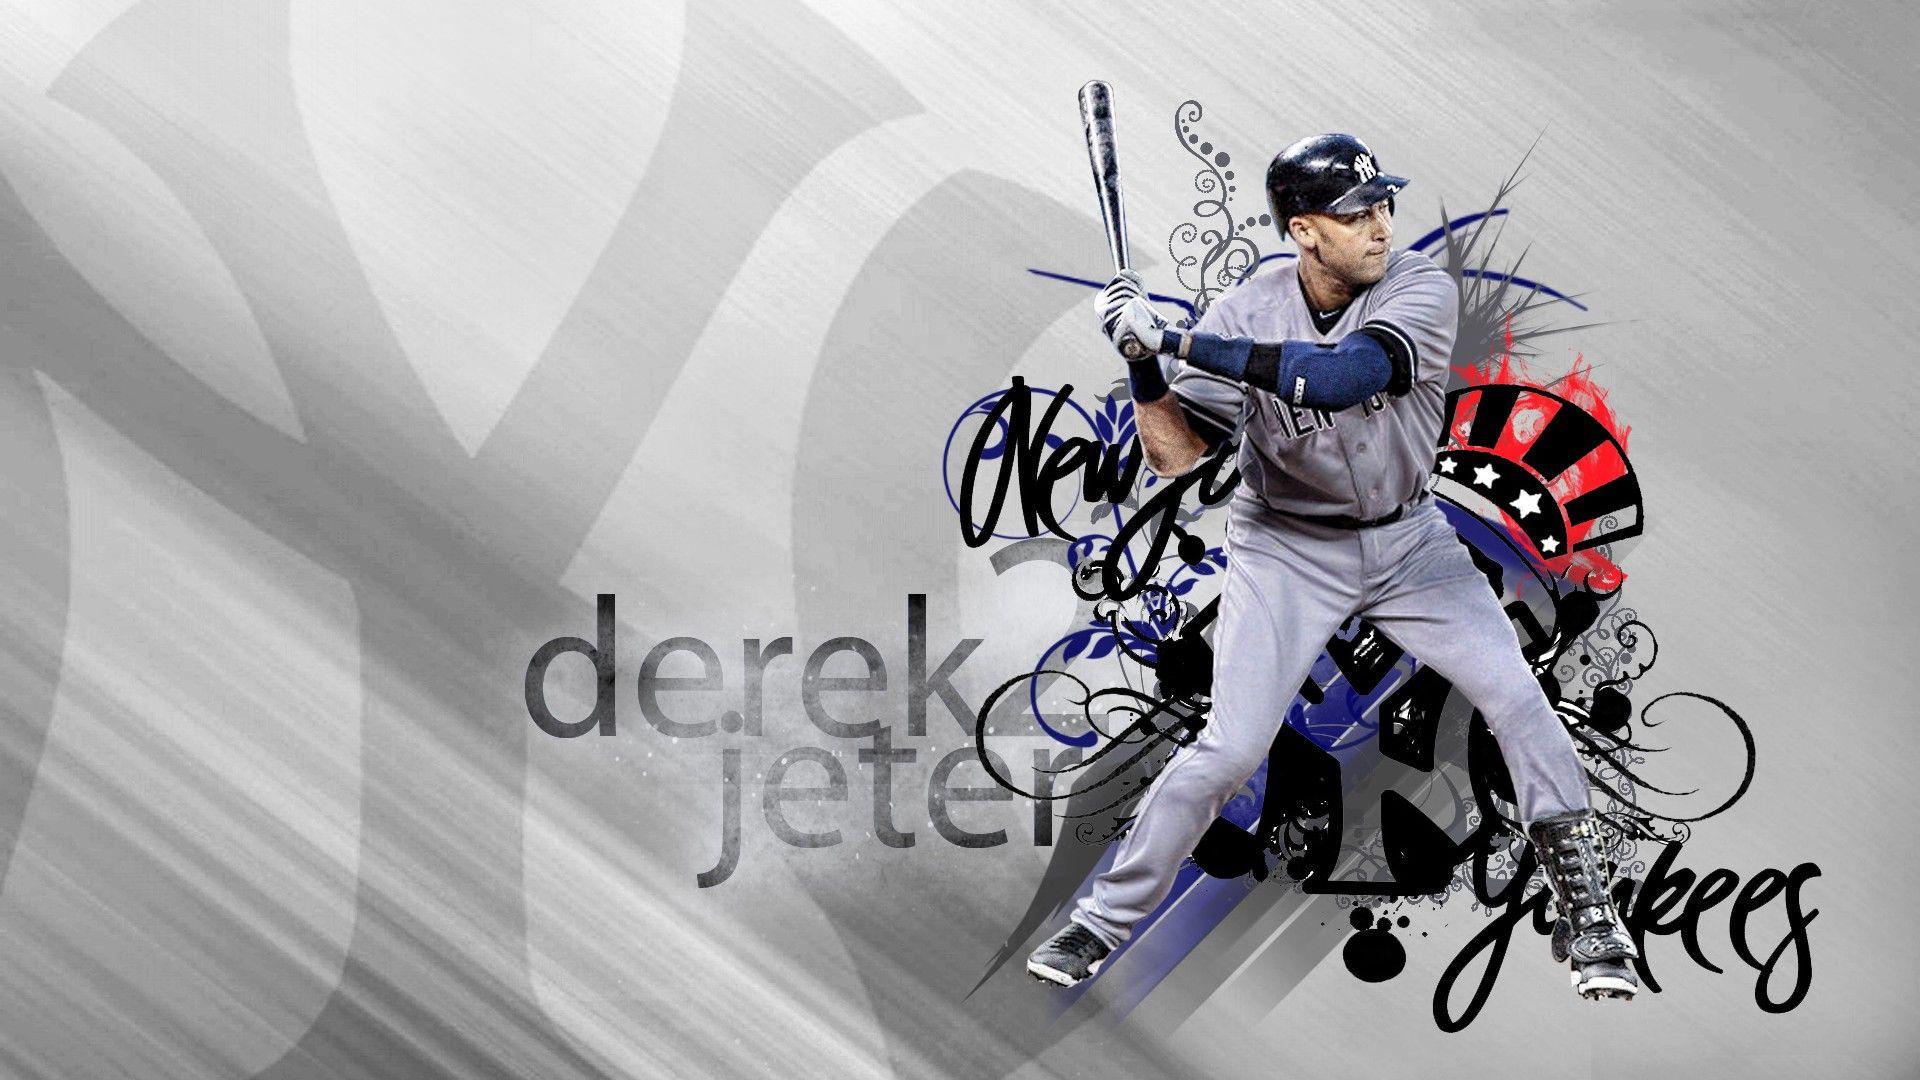 New York Yankees wallpaper free